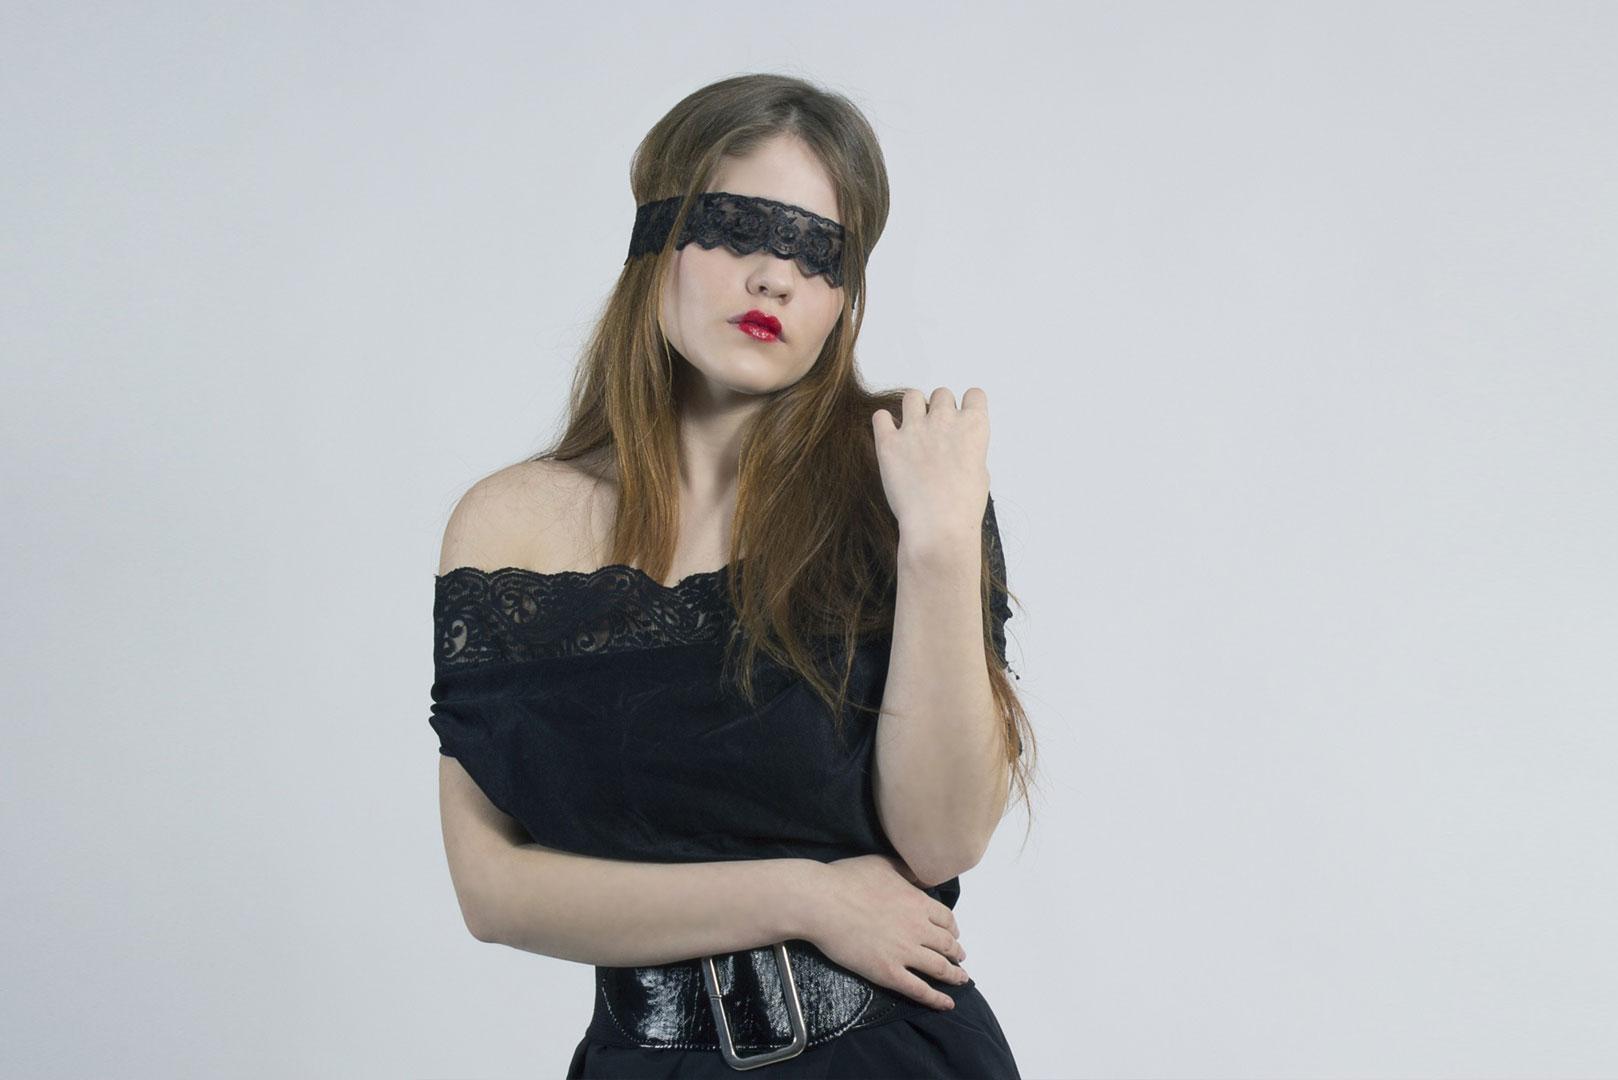 Une femme qui a les yeux bandés